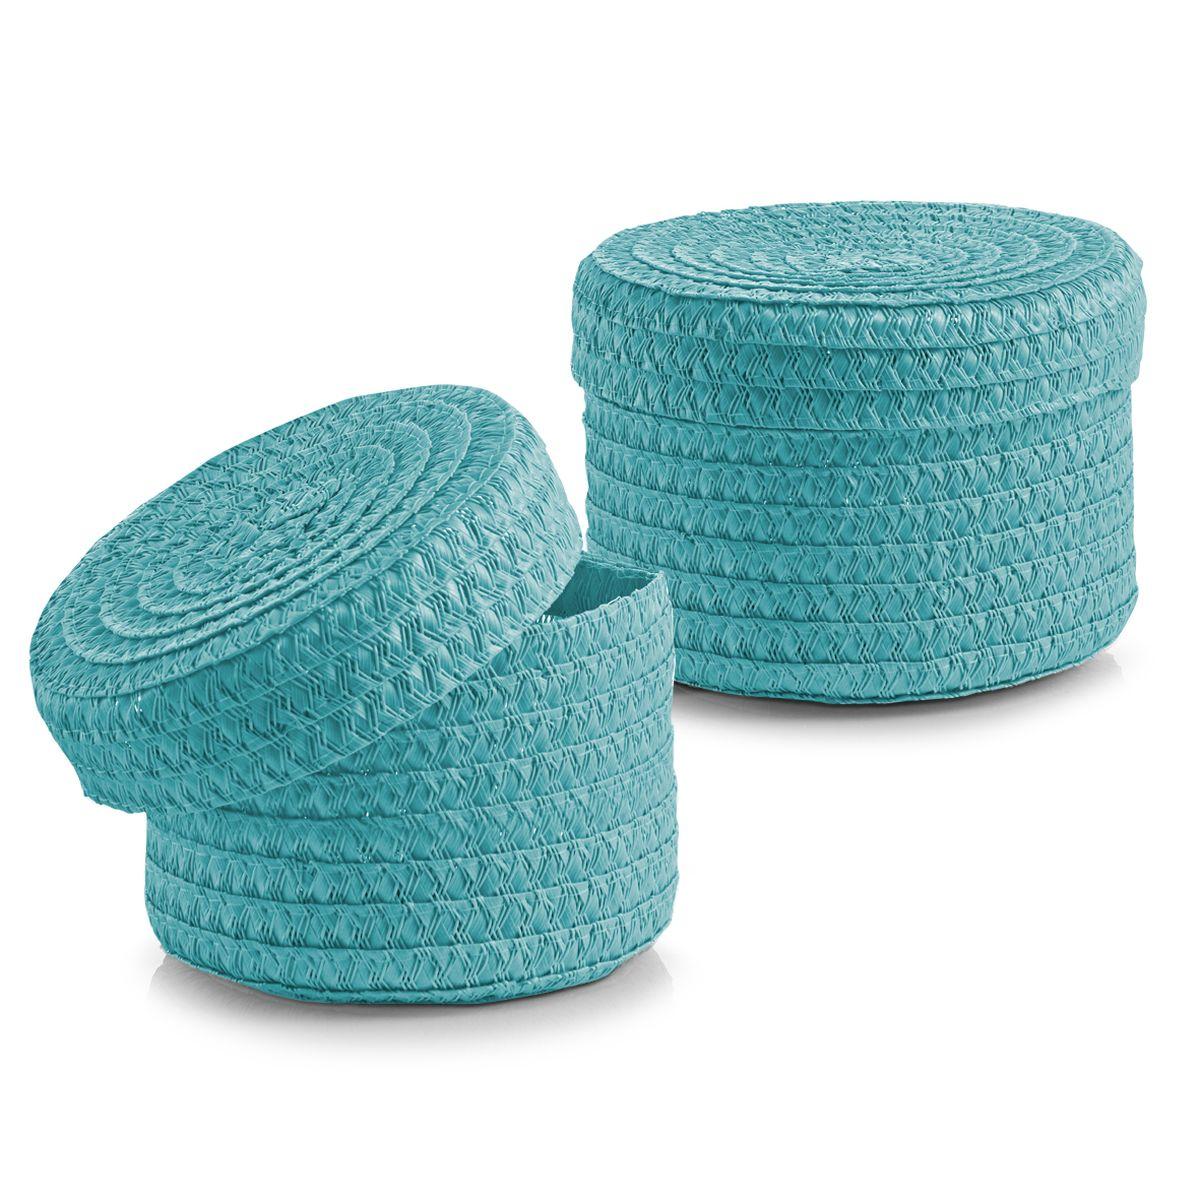 Набор корзин Zeller с крышками, цвет: бирюзовый, 2 шт14022Набор Zeller состоит из двух корзин разного размера. Корзинки изготовлены из текстиля и оснащены крышками. Изделия идеально подходят для упаковки подарков, цветочных композиций и подарочных наборов, для хранения различных вещей и аксессуаров. Так же они являются прекрасным декоративным элементом интерьера.Такие корзины будут создавать уют и комфорт в вашем доме и станут отличным подарком. Диаметр корзин: 16 см, 17 см. Высота корзин: 10 см, 12 см.